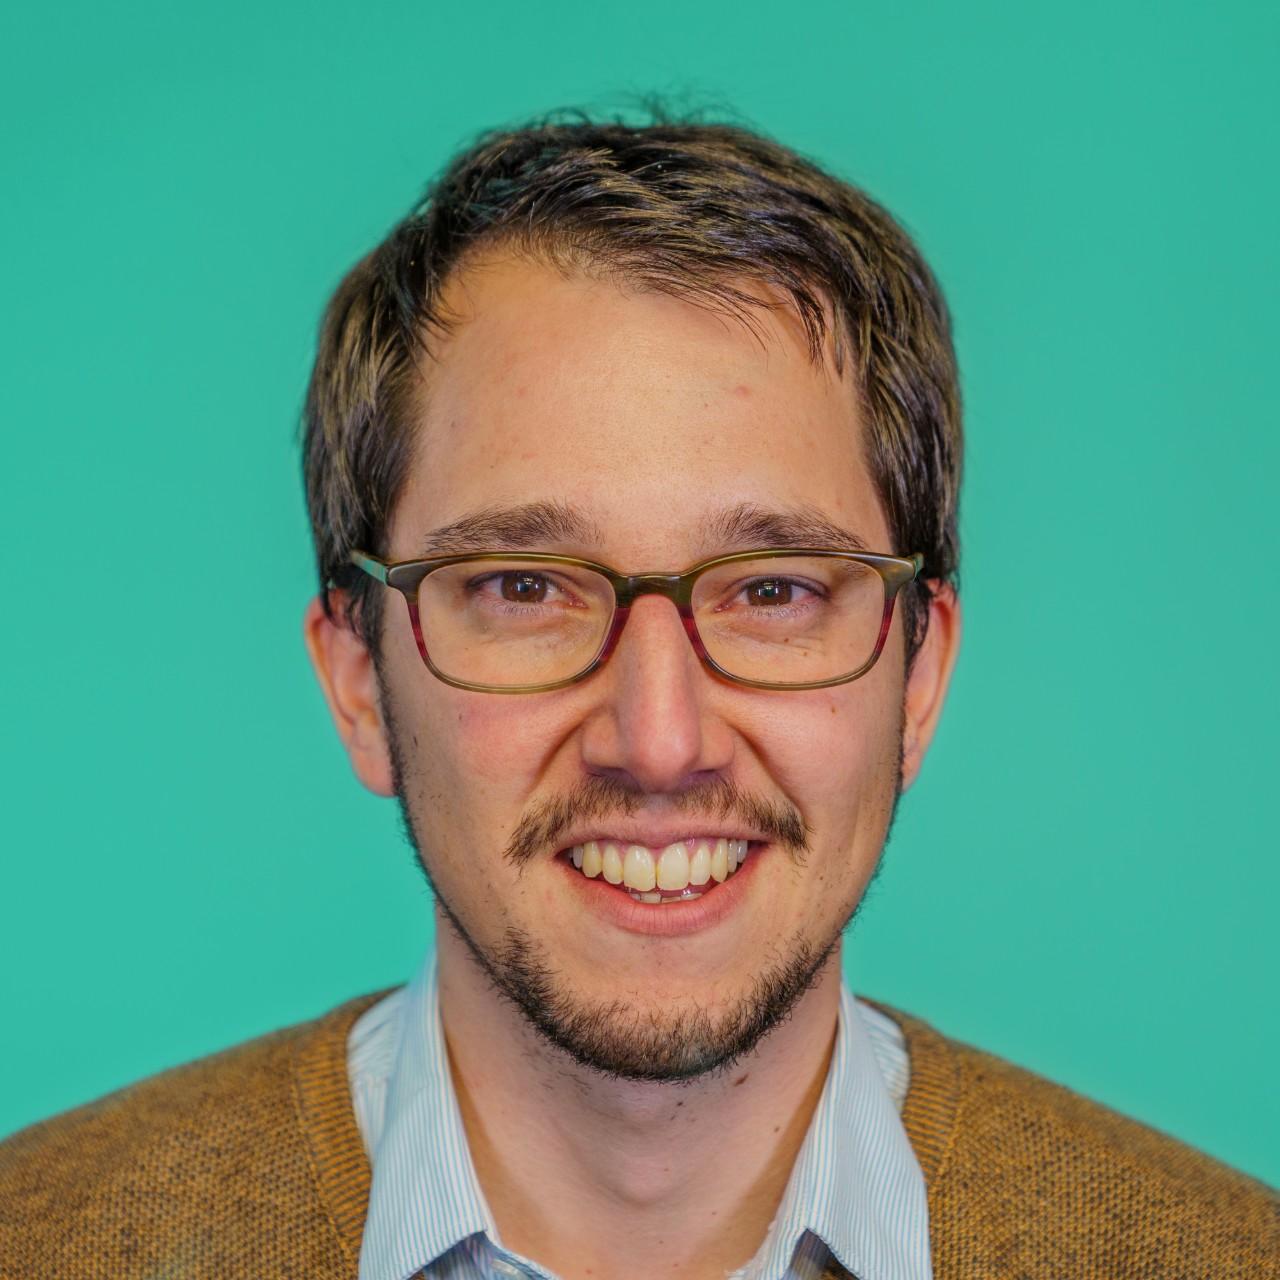 Anders Maes